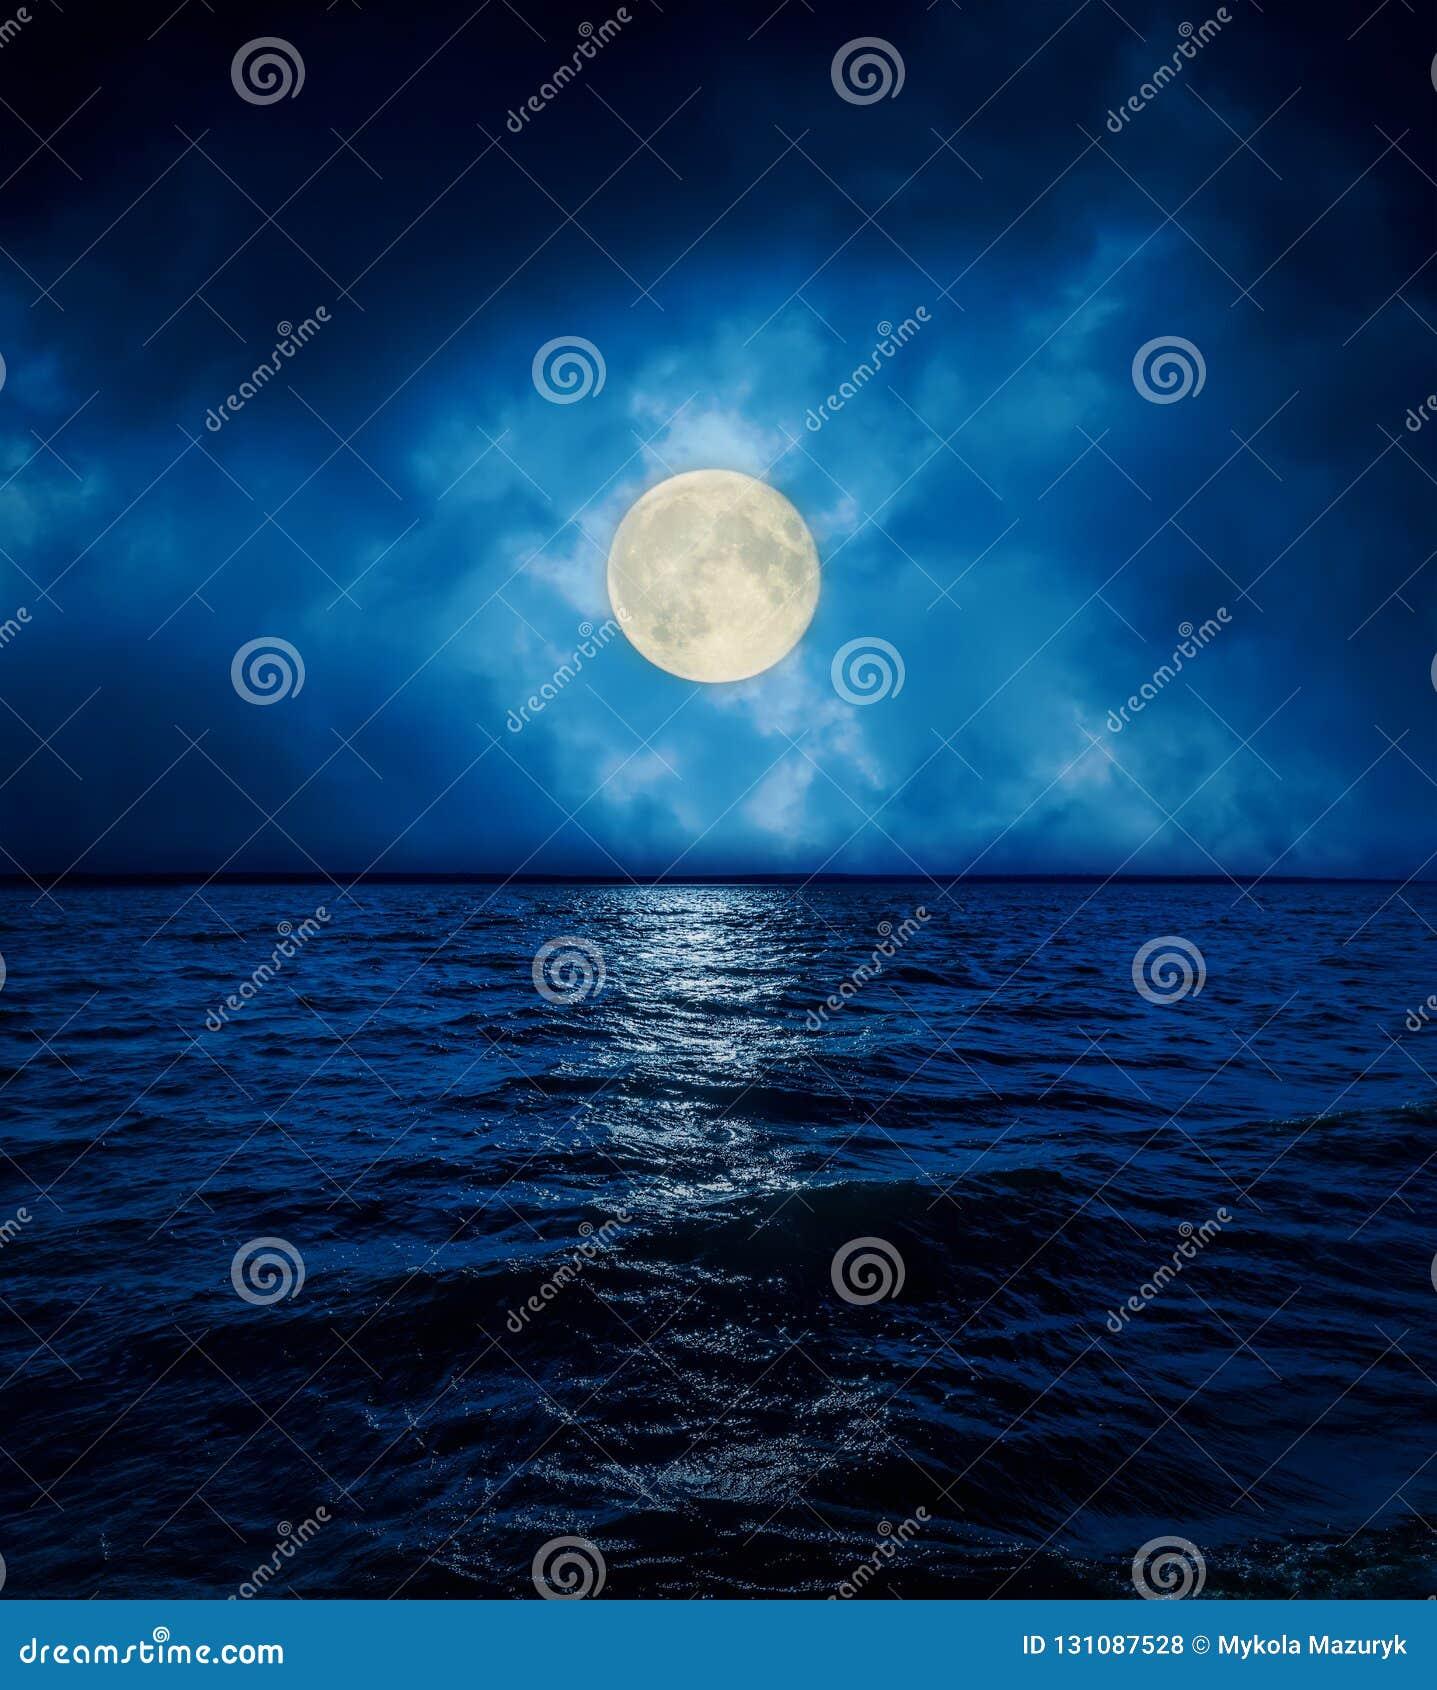 Lua cheia em nuvens dramáticas sobre a água escura